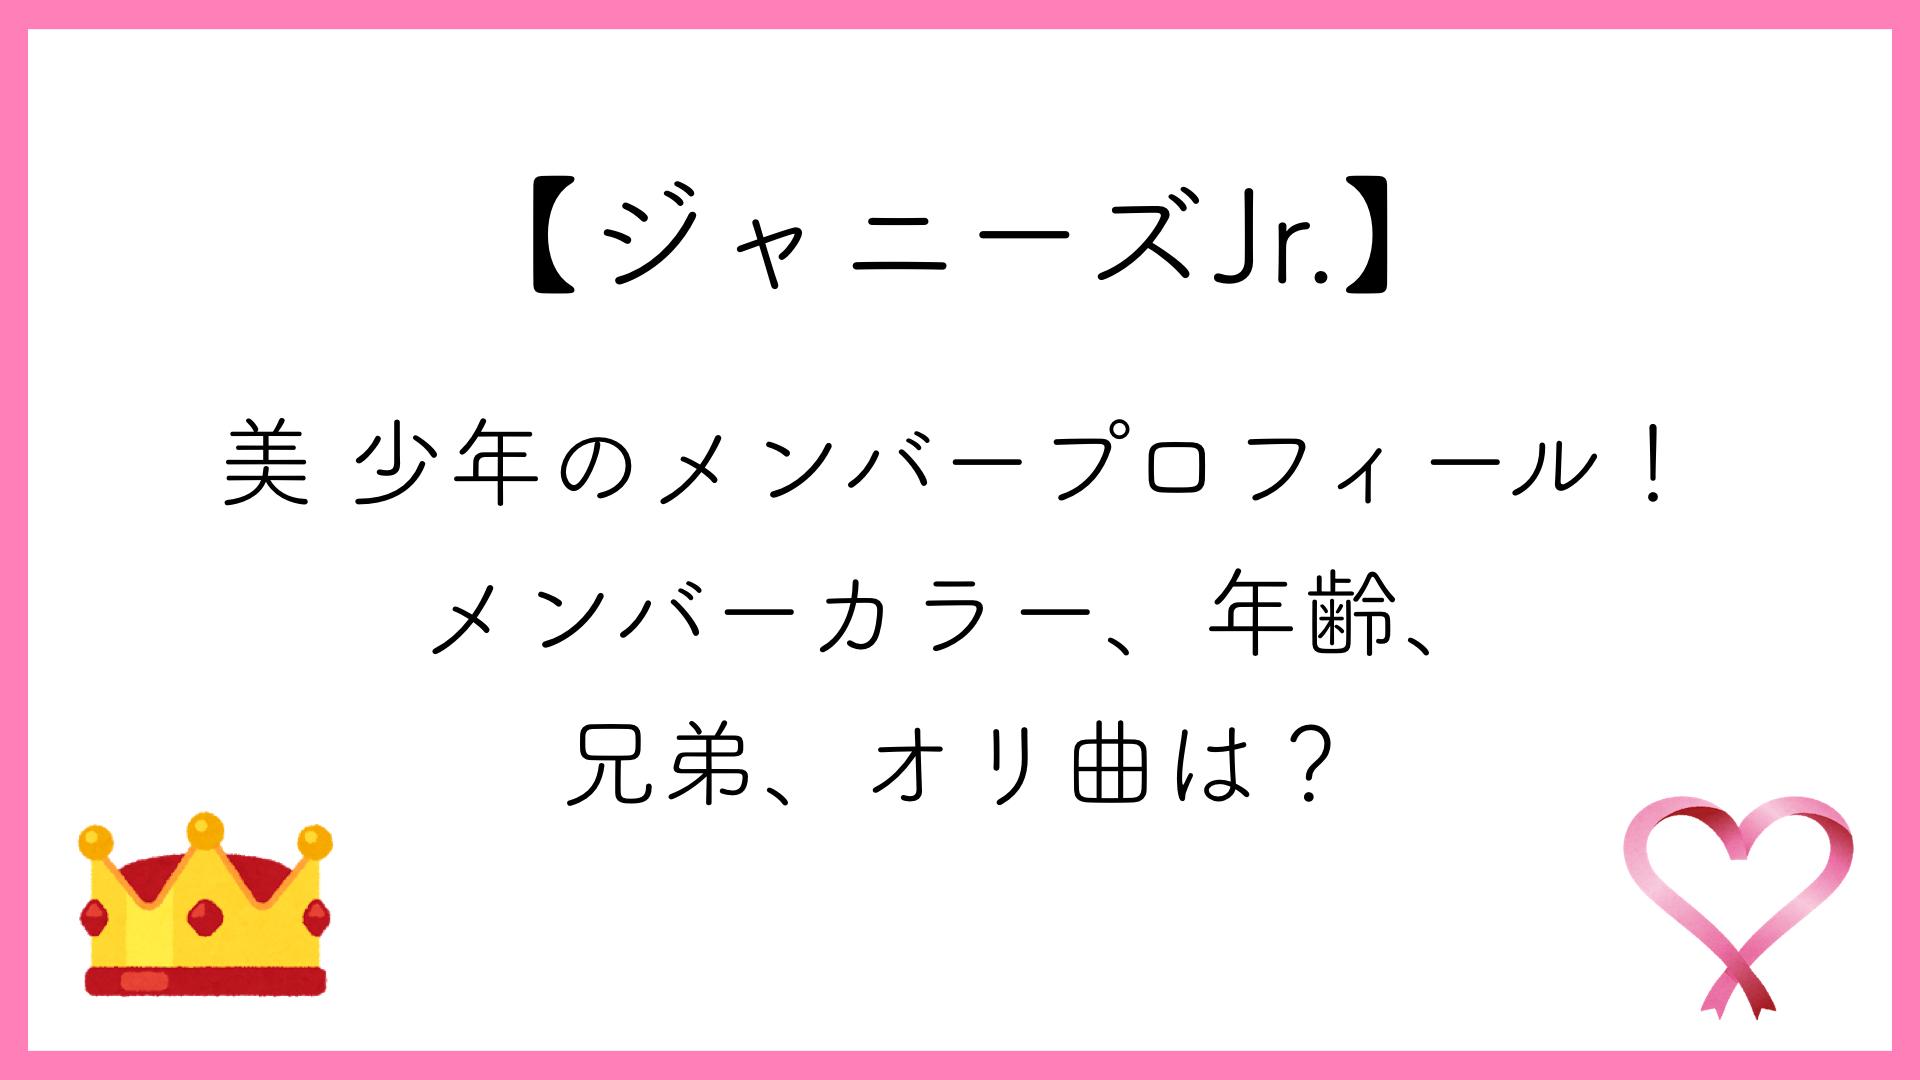 【ジャニーズJr.】美 少年メンバープロフィール!メンバーカラー、年齢、兄弟、オリ曲は?